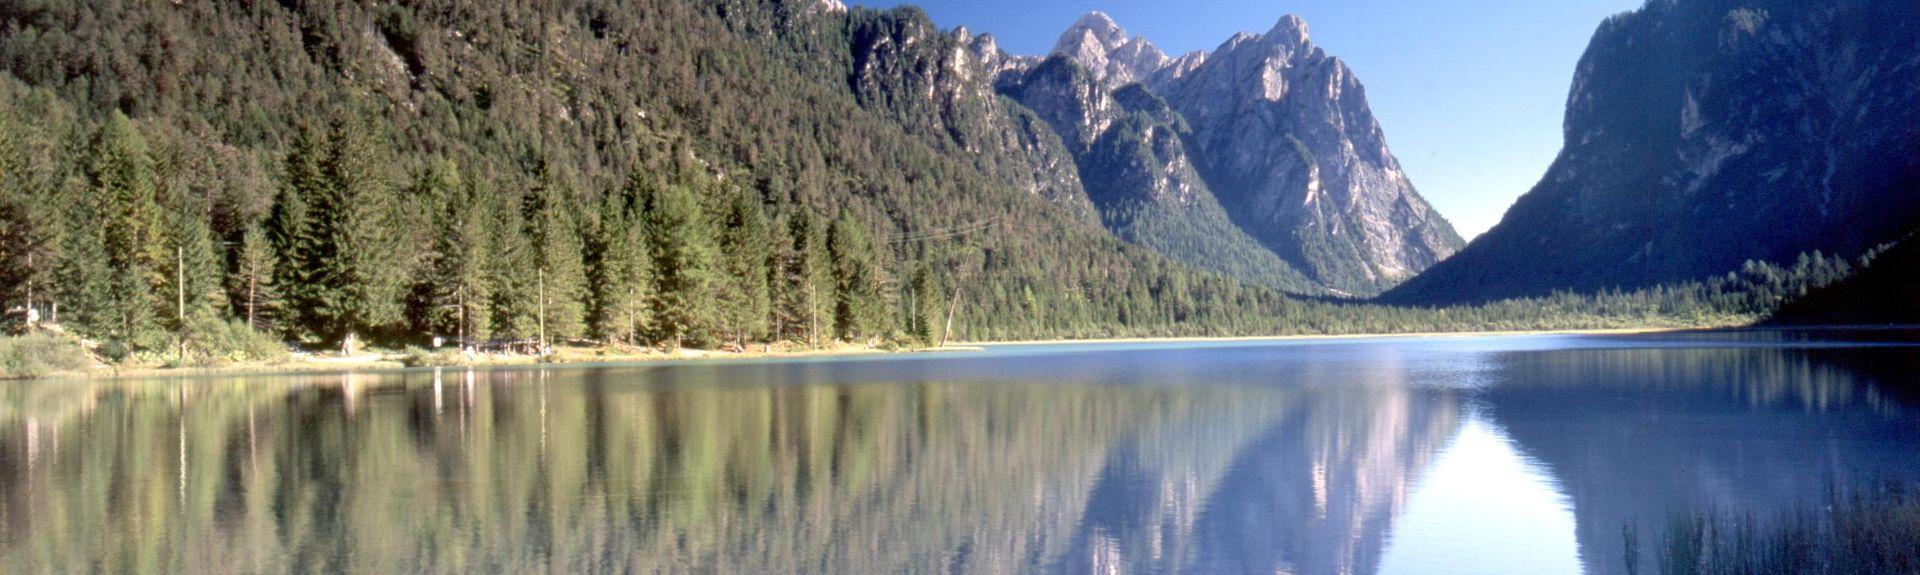 Lake Braies, Braies, Italy